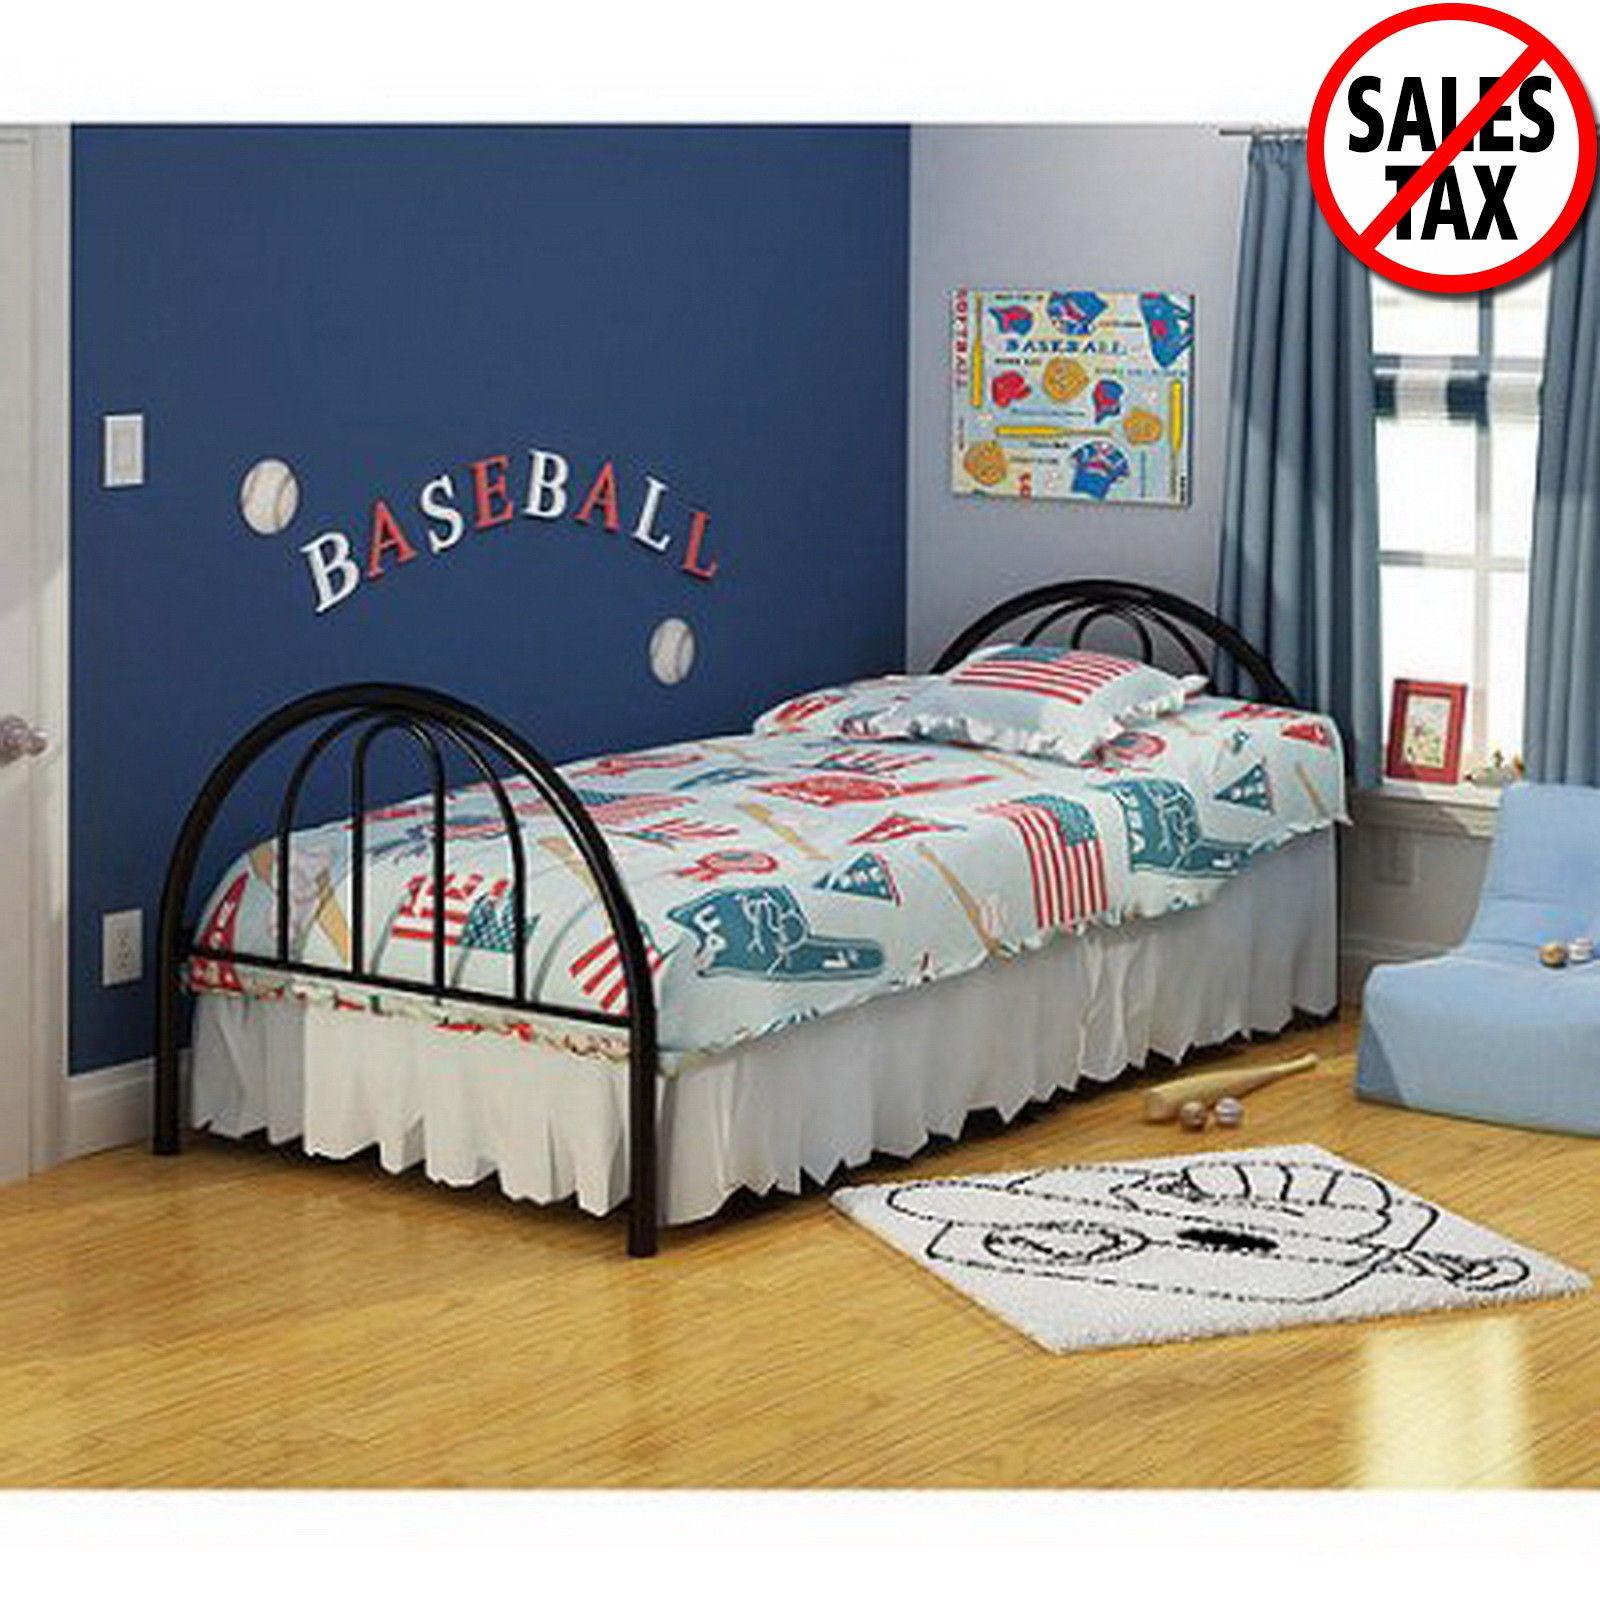 Twin Bed Metal Platform Bed Frame  Bedroom Furniture Kids Teens Dorm Home NEW for sale  USA